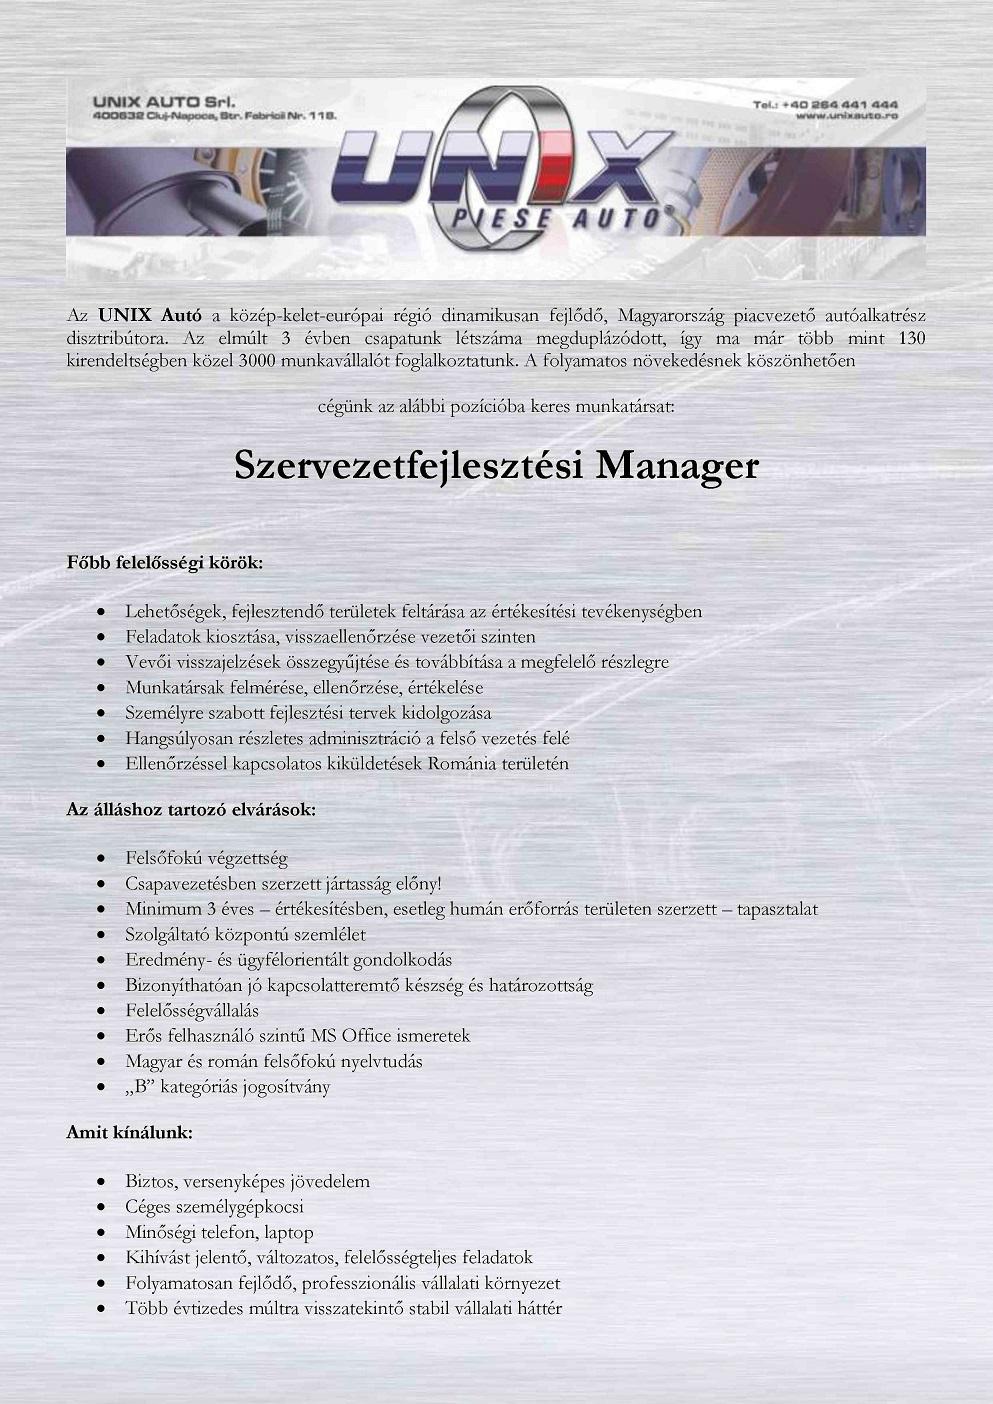 Szervezetfejlesztési Manager